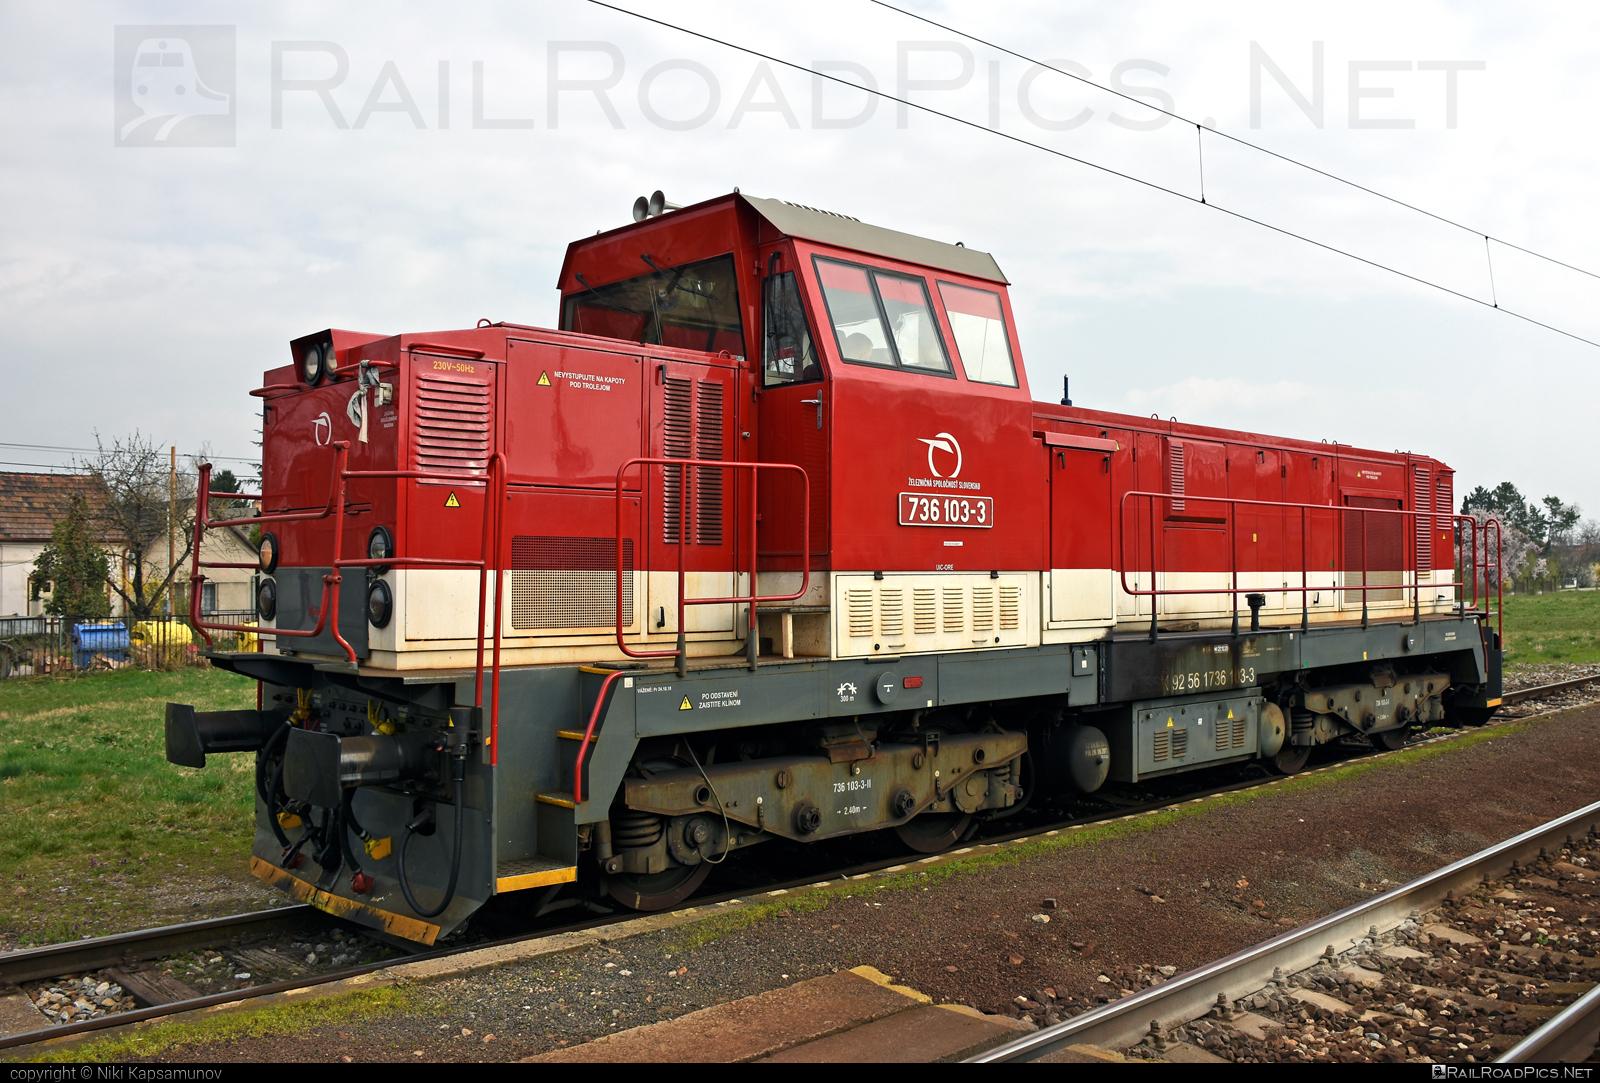 ŽOS Zvolen 736 - 736 103-3 operated by Železničná Spoločnost' Slovensko, a.s. #ZeleznicnaSpolocnostSlovensko #locomotive736 #zoszvolen #zoszvolen736 #zssk